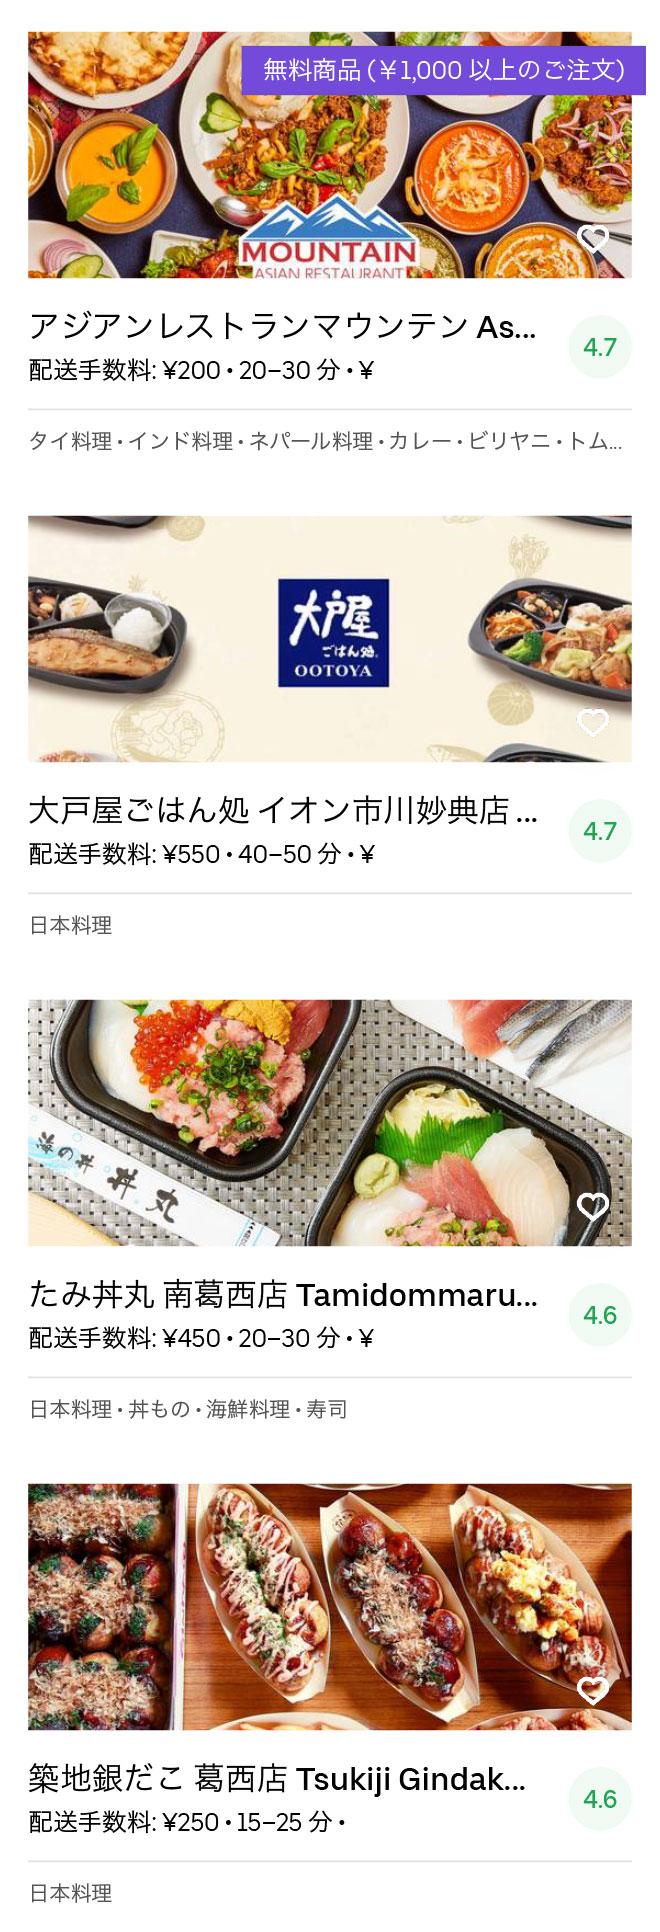 Urayasu menu 200406